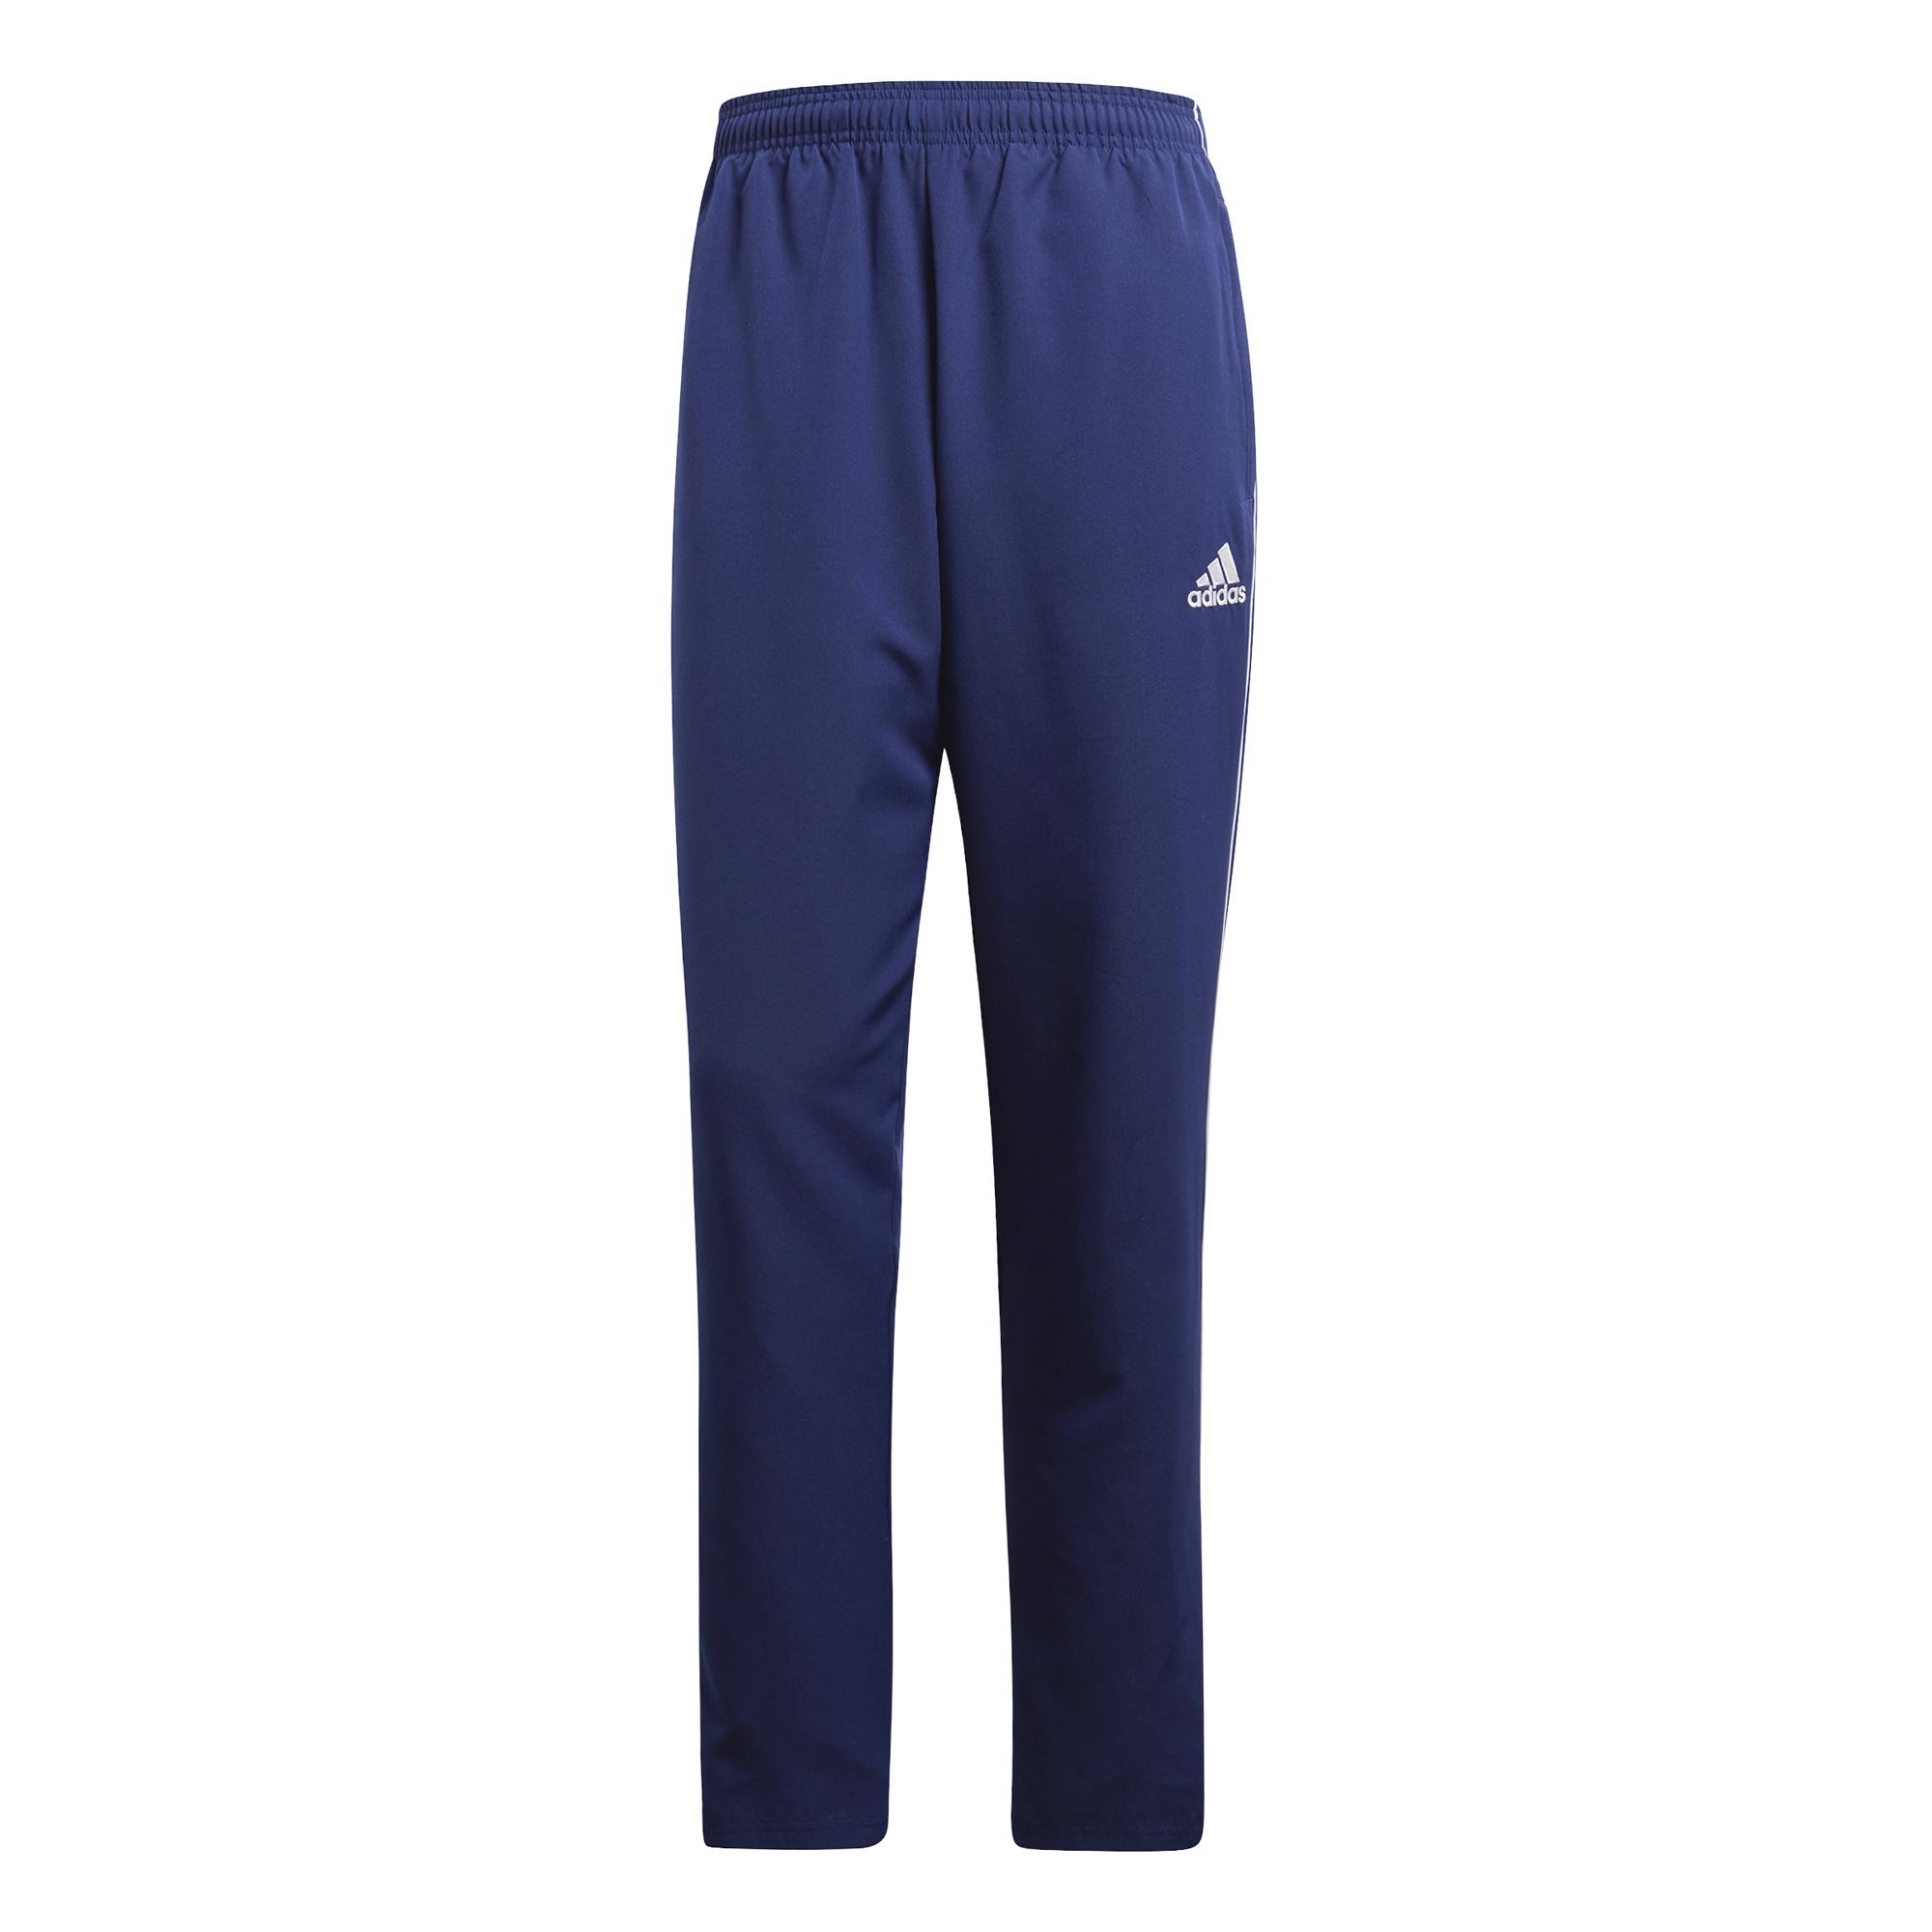 ADIDAS vycházkové kalhoty Core 18